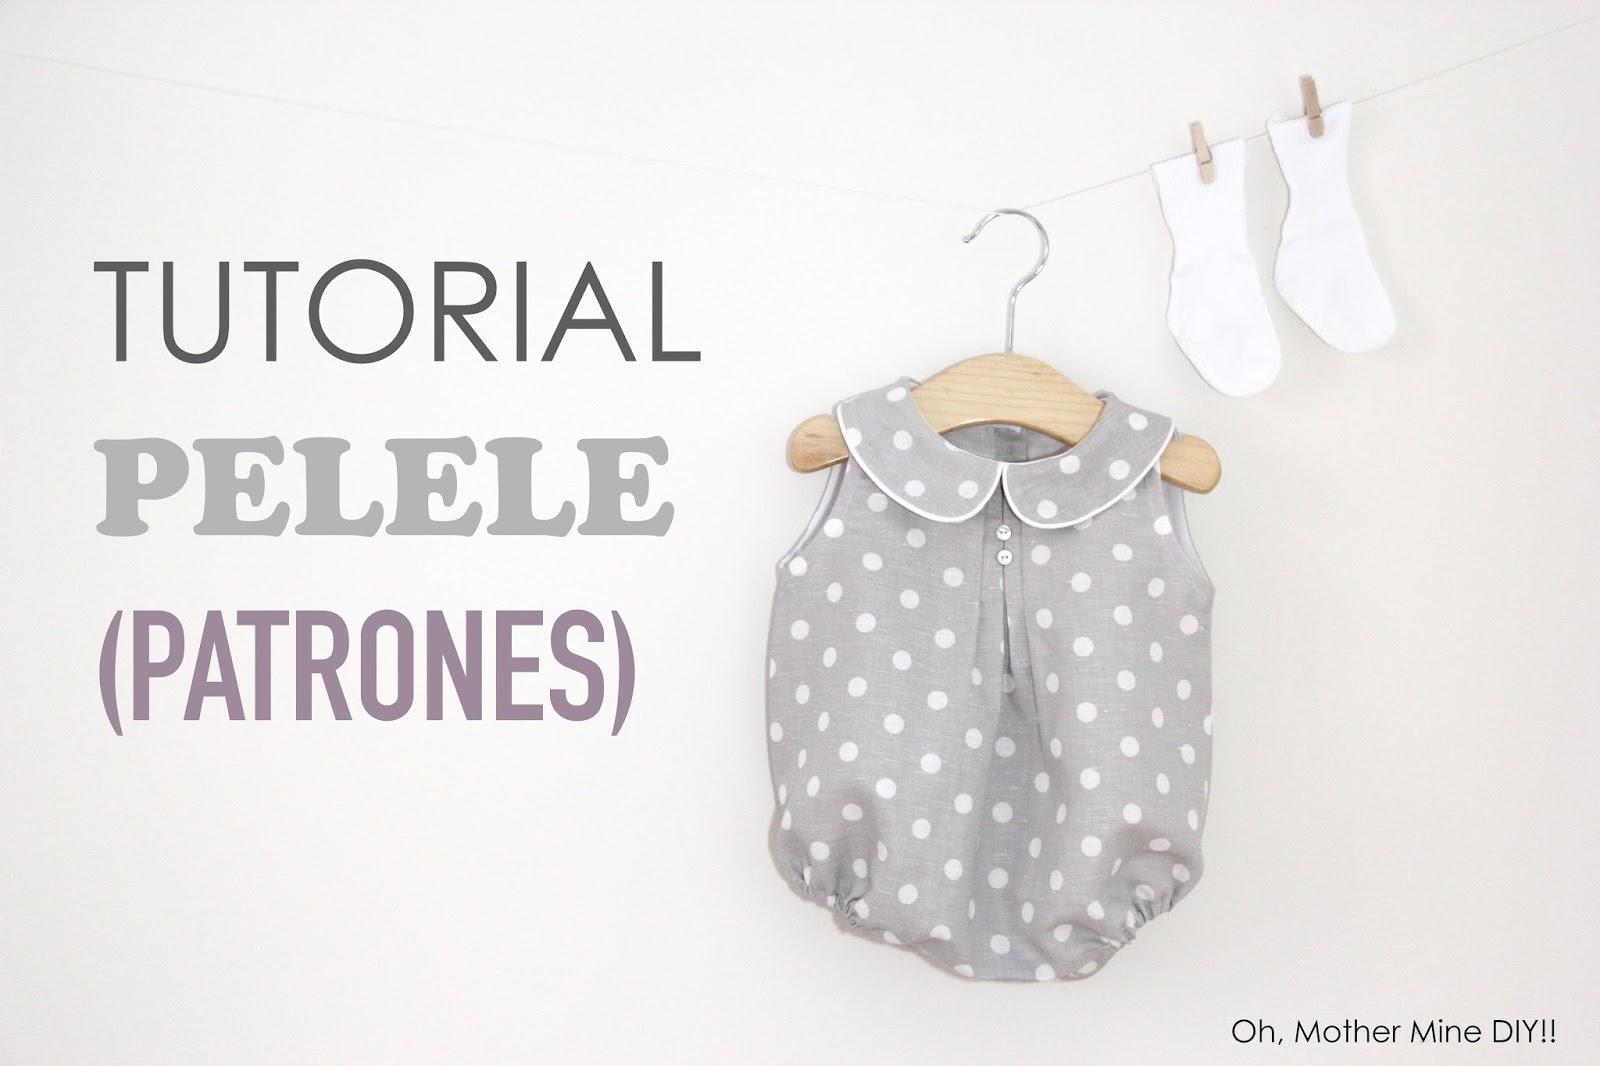 Tutorial y patrones: Pelele de lunares para bebe DIY - HANDBOX